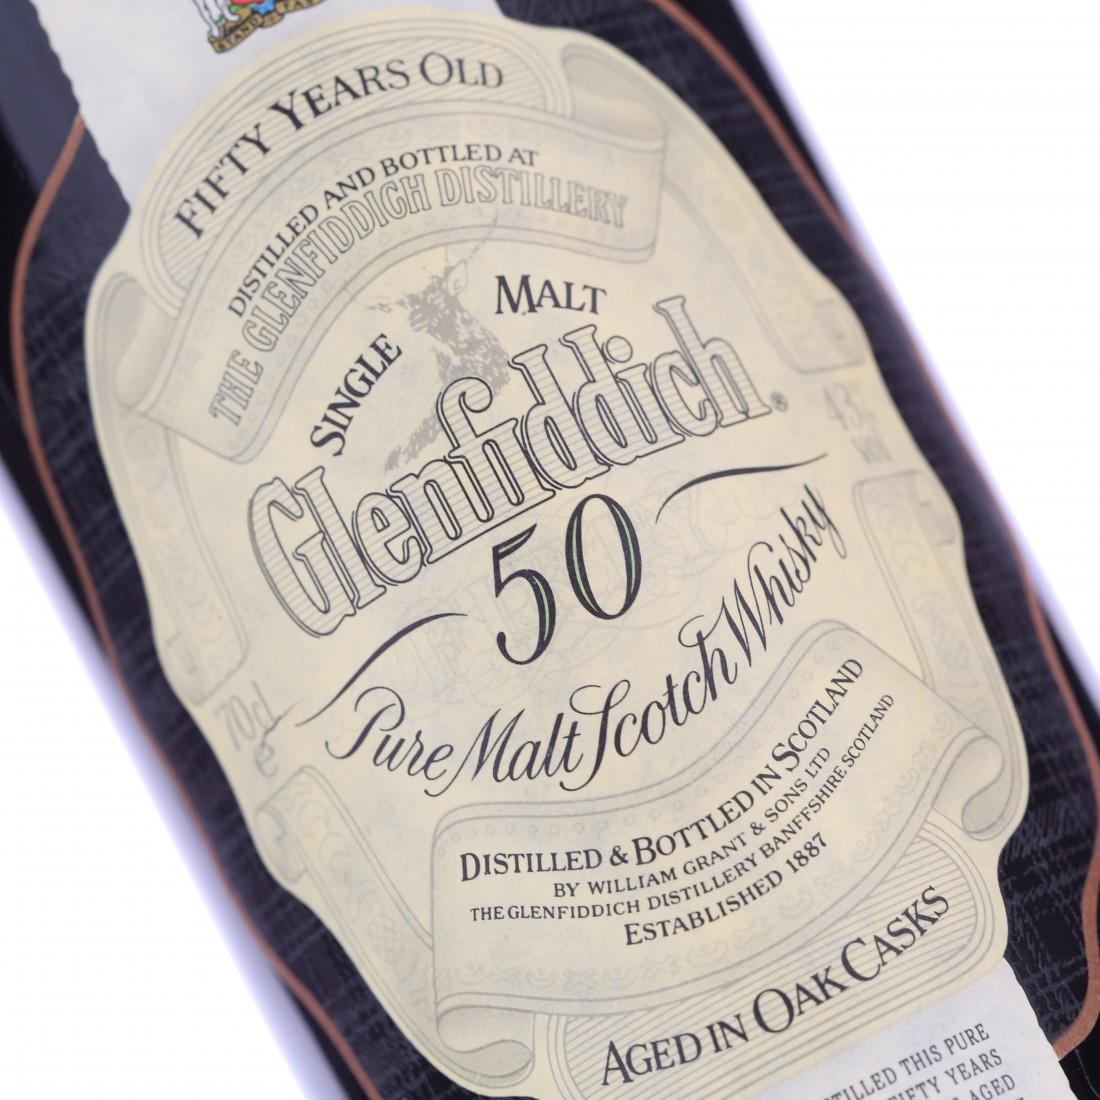 Glenfiddich 50 Year Old